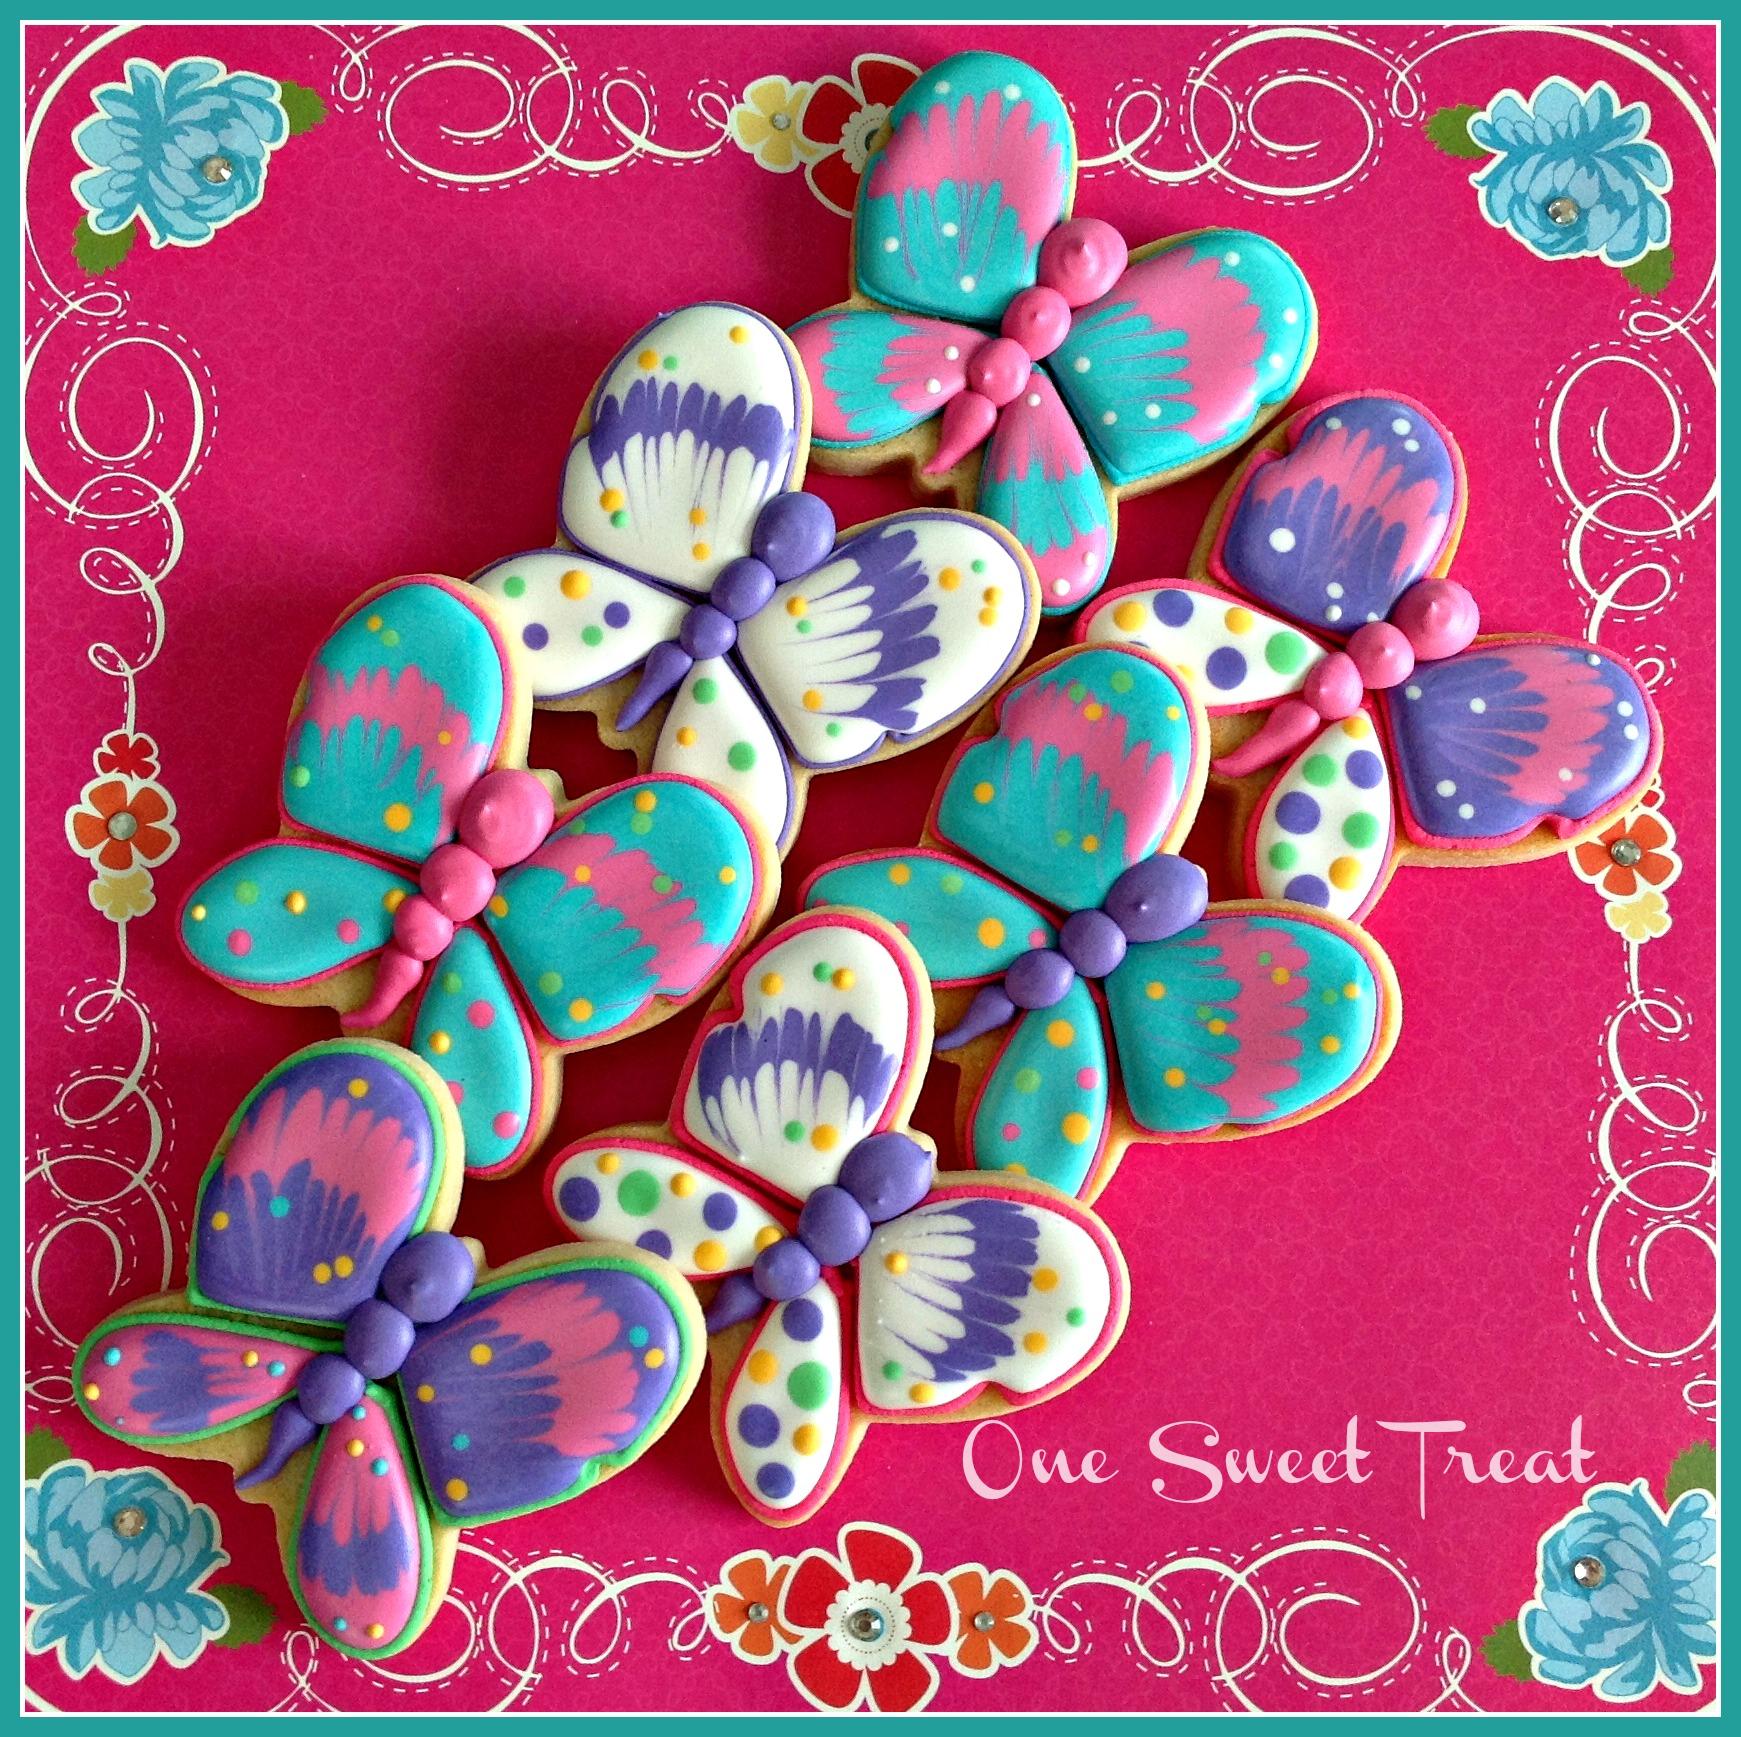 mariposas-img_5046